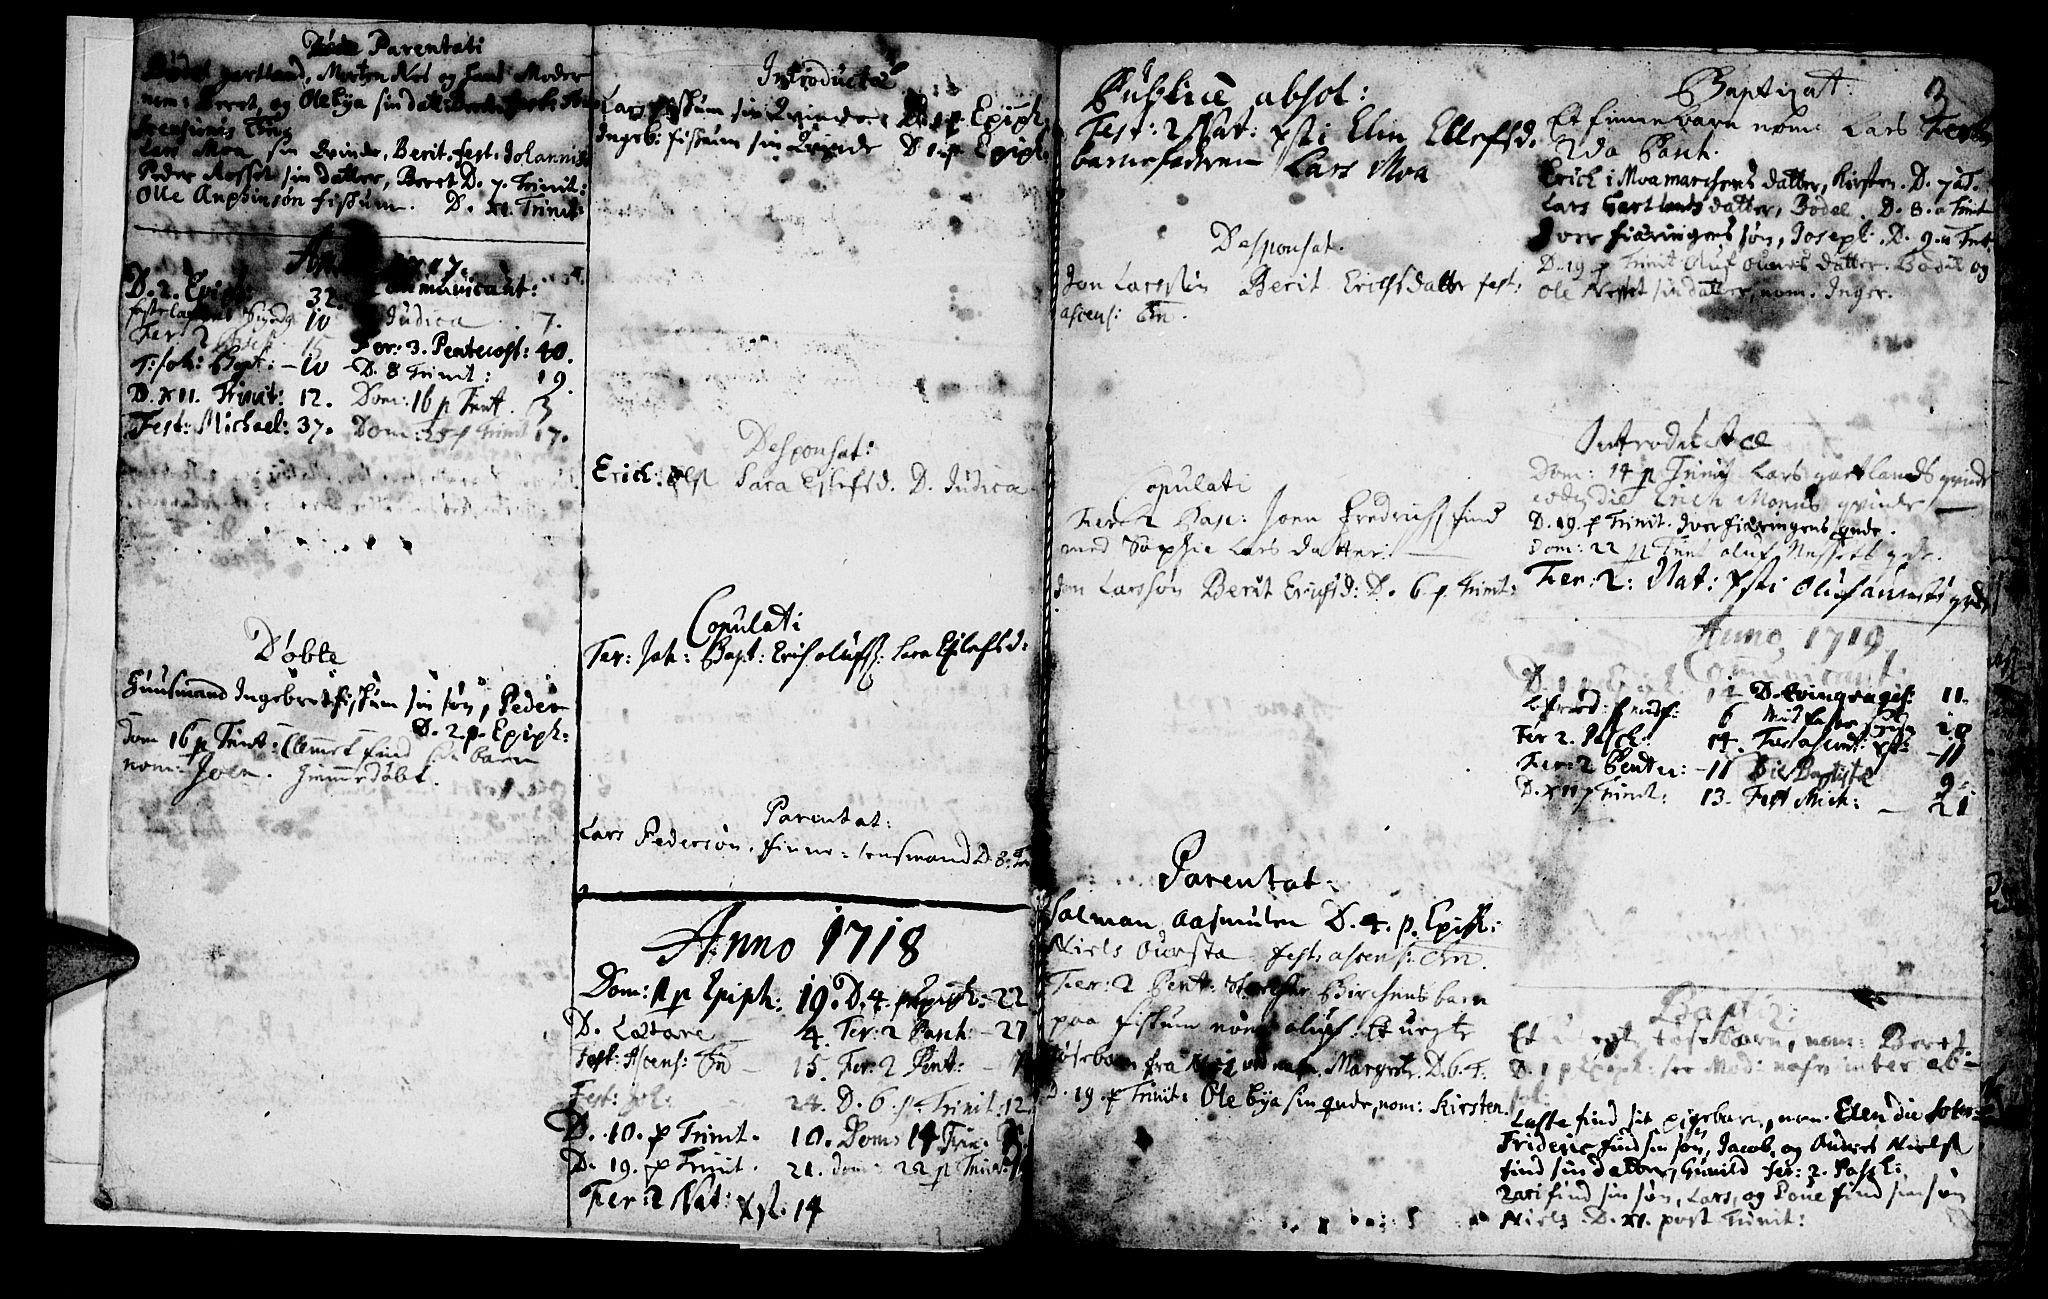 SAT, Ministerialprotokoller, klokkerbøker og fødselsregistre - Nord-Trøndelag, 759/L0525: Ministerialbok nr. 759A01, 1706-1748, s. 3